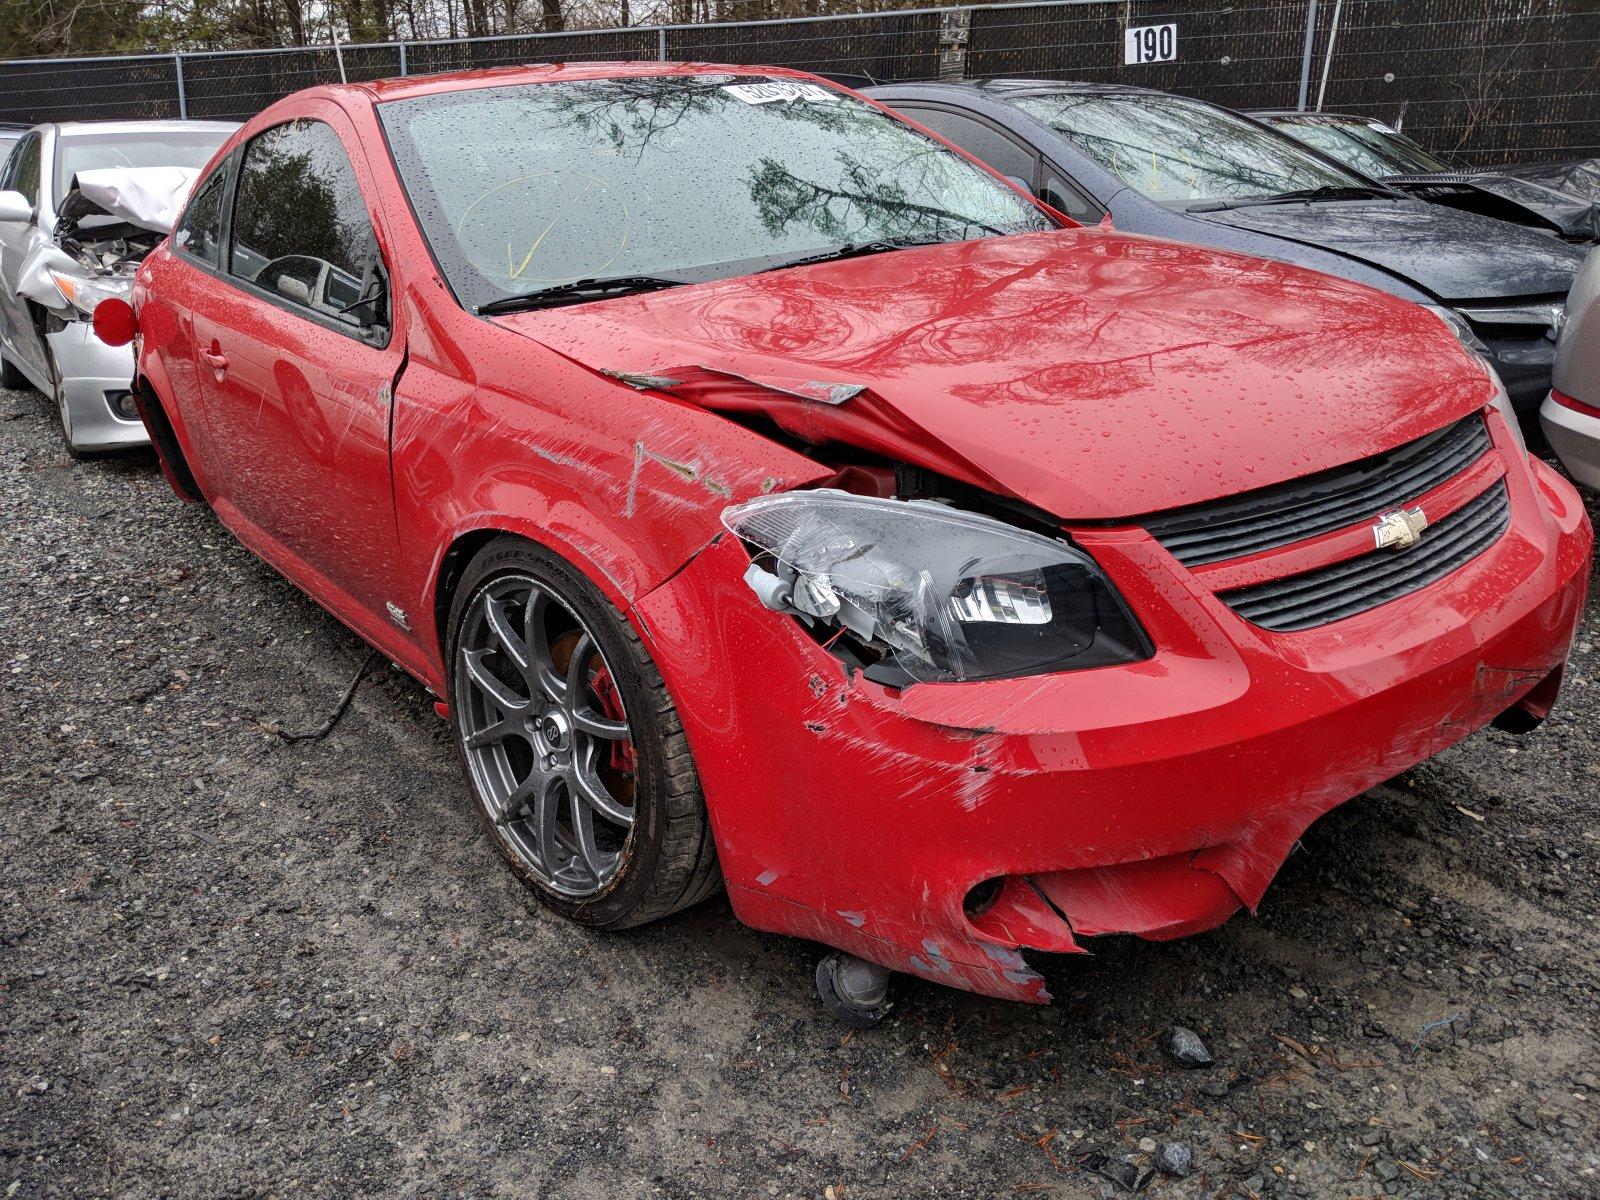 Manny's City Goblin - 07 SS/SC Donor | DF Kit Car Forum